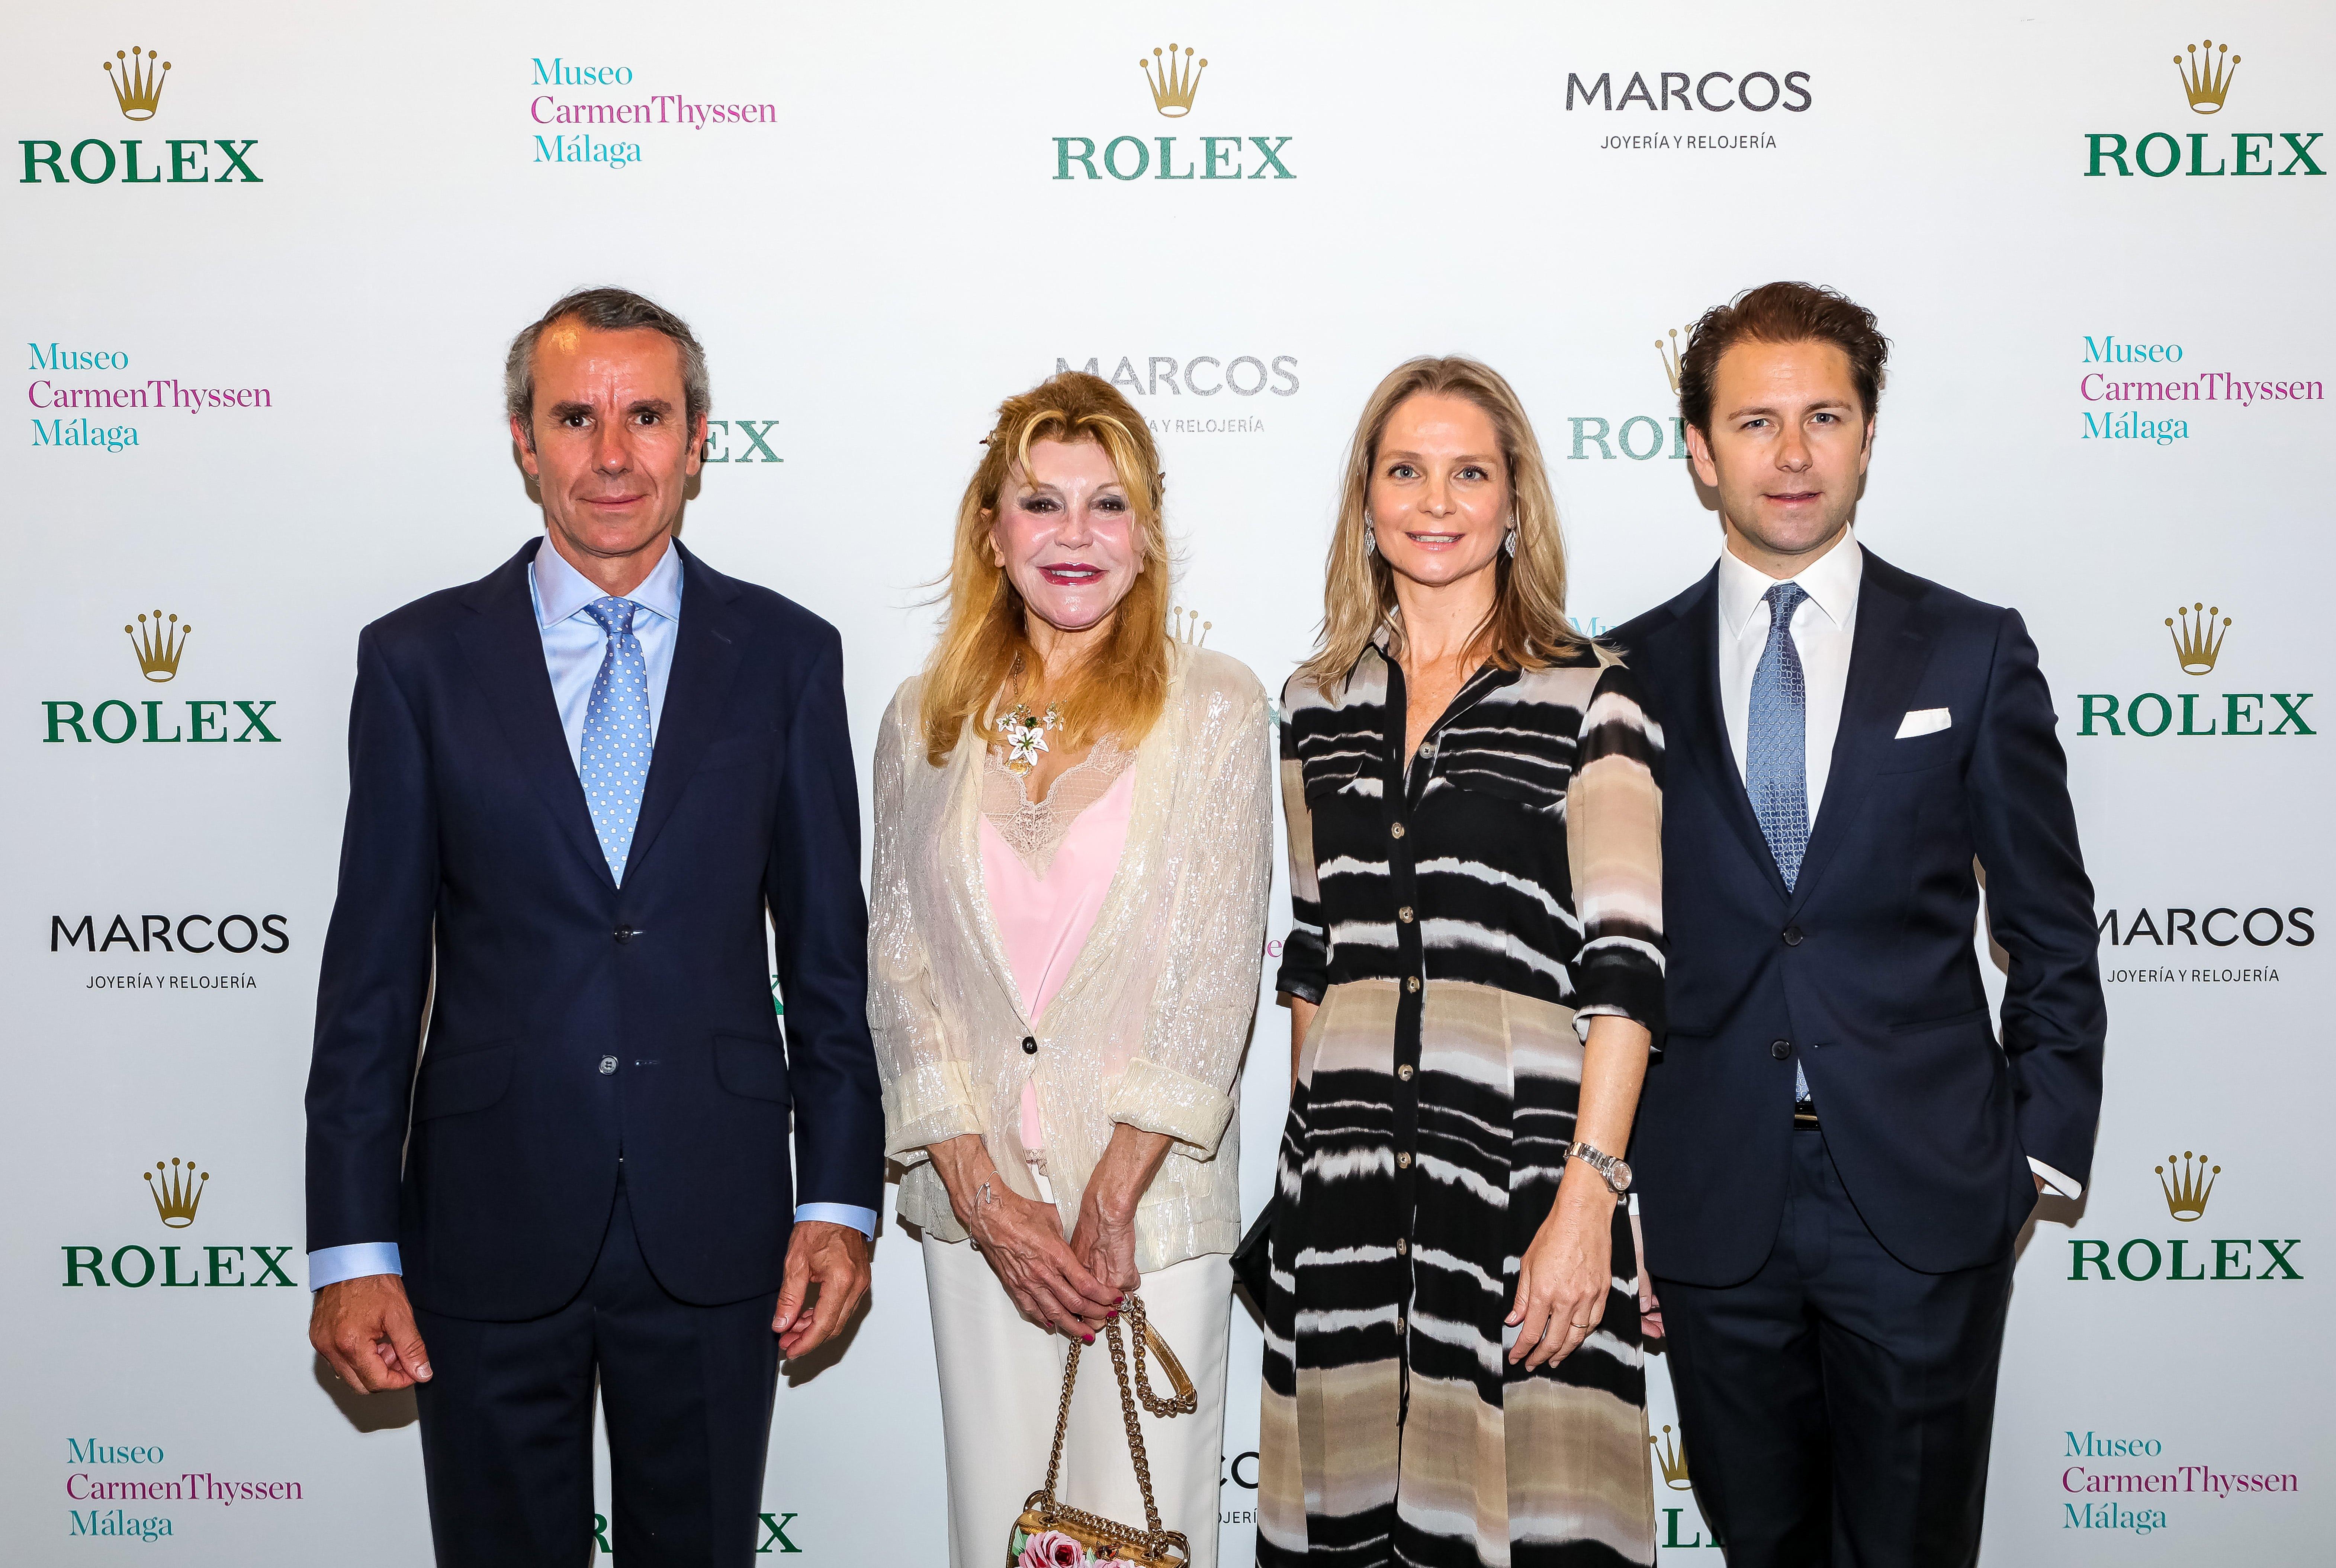 joyería marcos presenta en el exclusiva las novedades rolex 2019